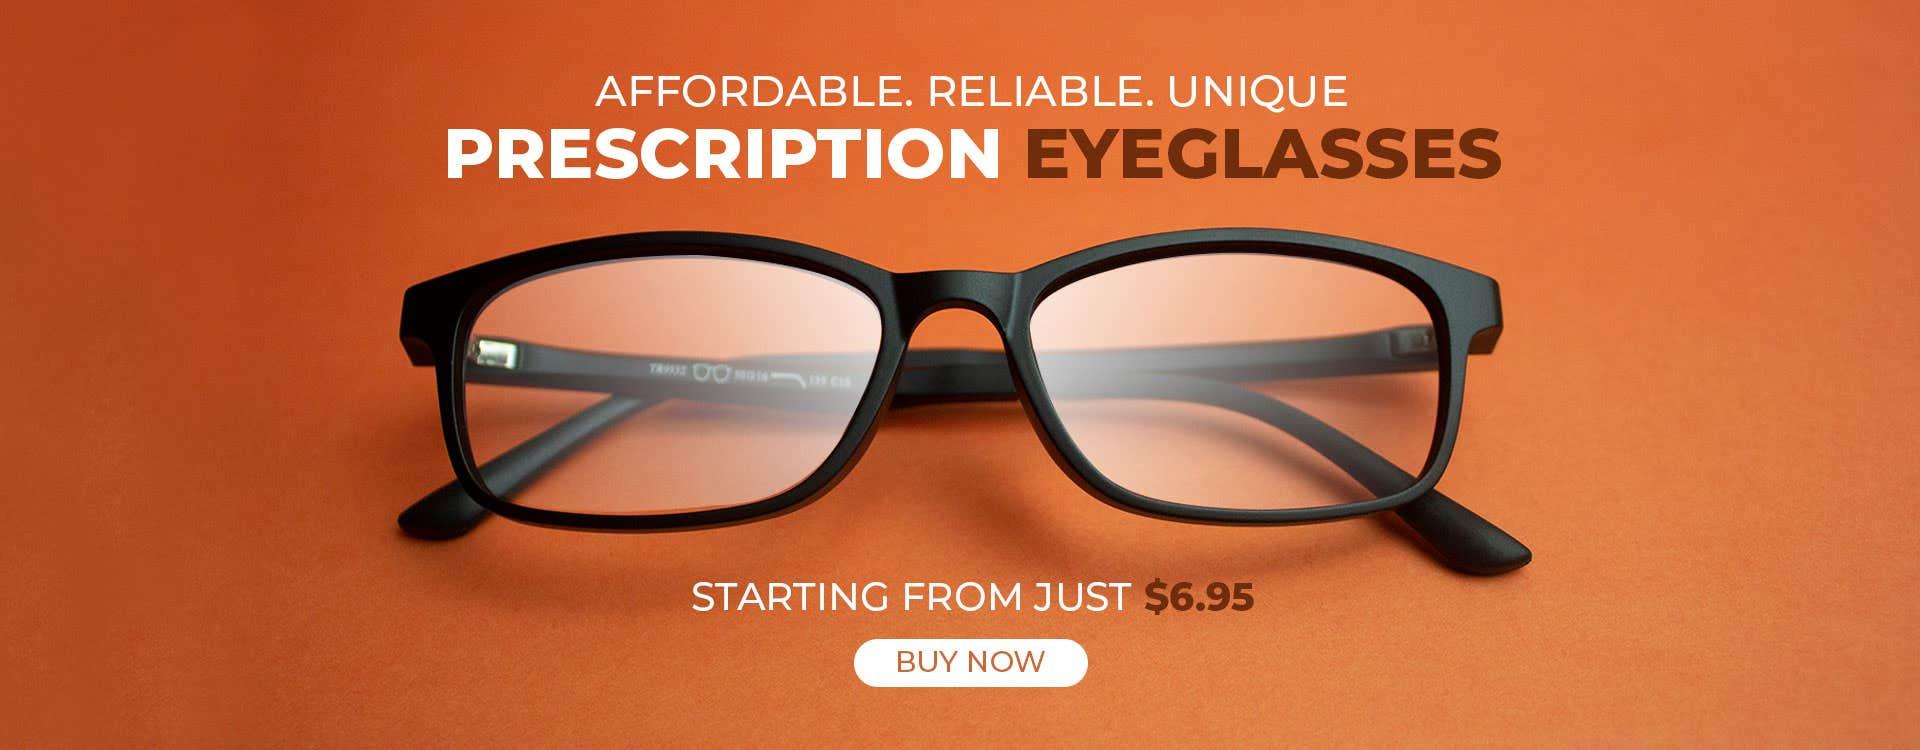 summer prescription eyeglasses